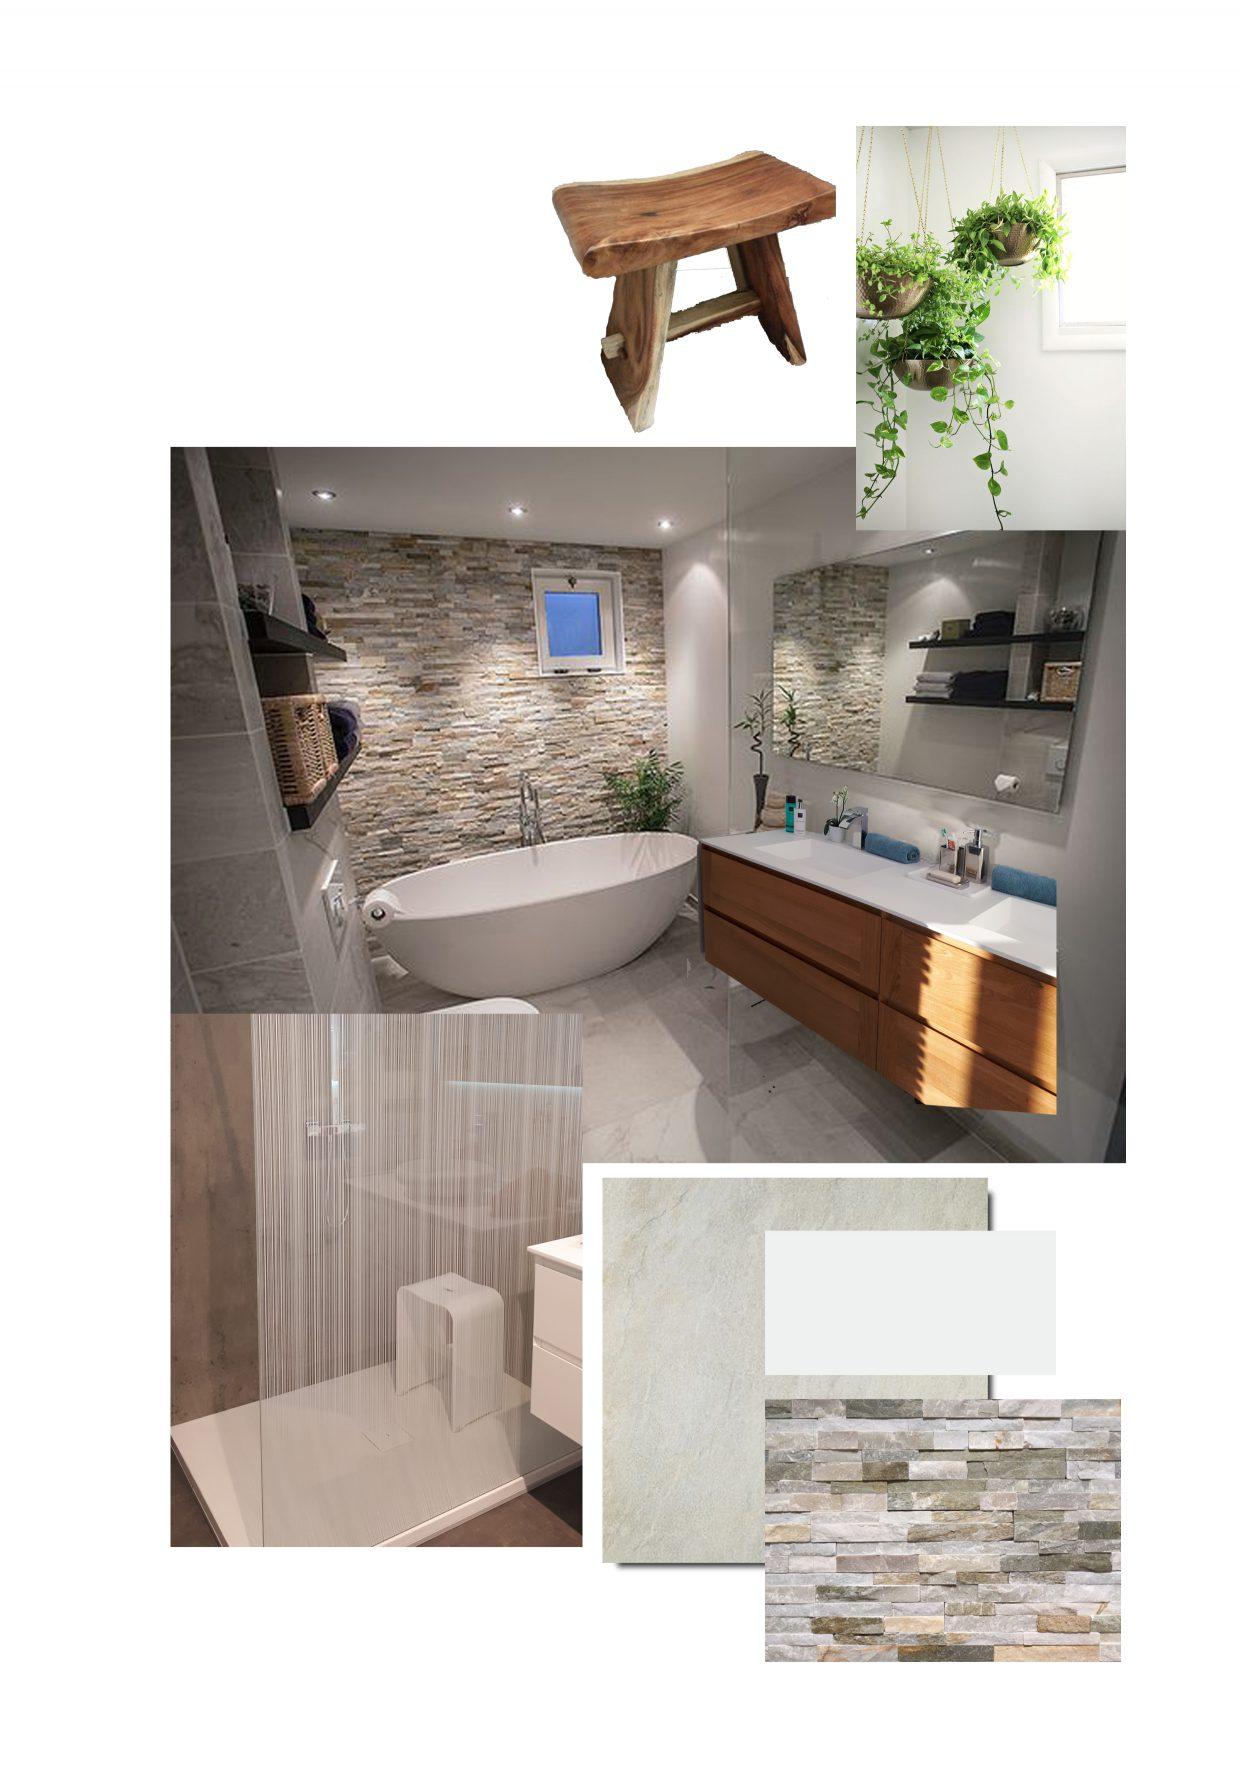 inrichten badkamer_tips inrichten badkamer_welke maten heeft een bad